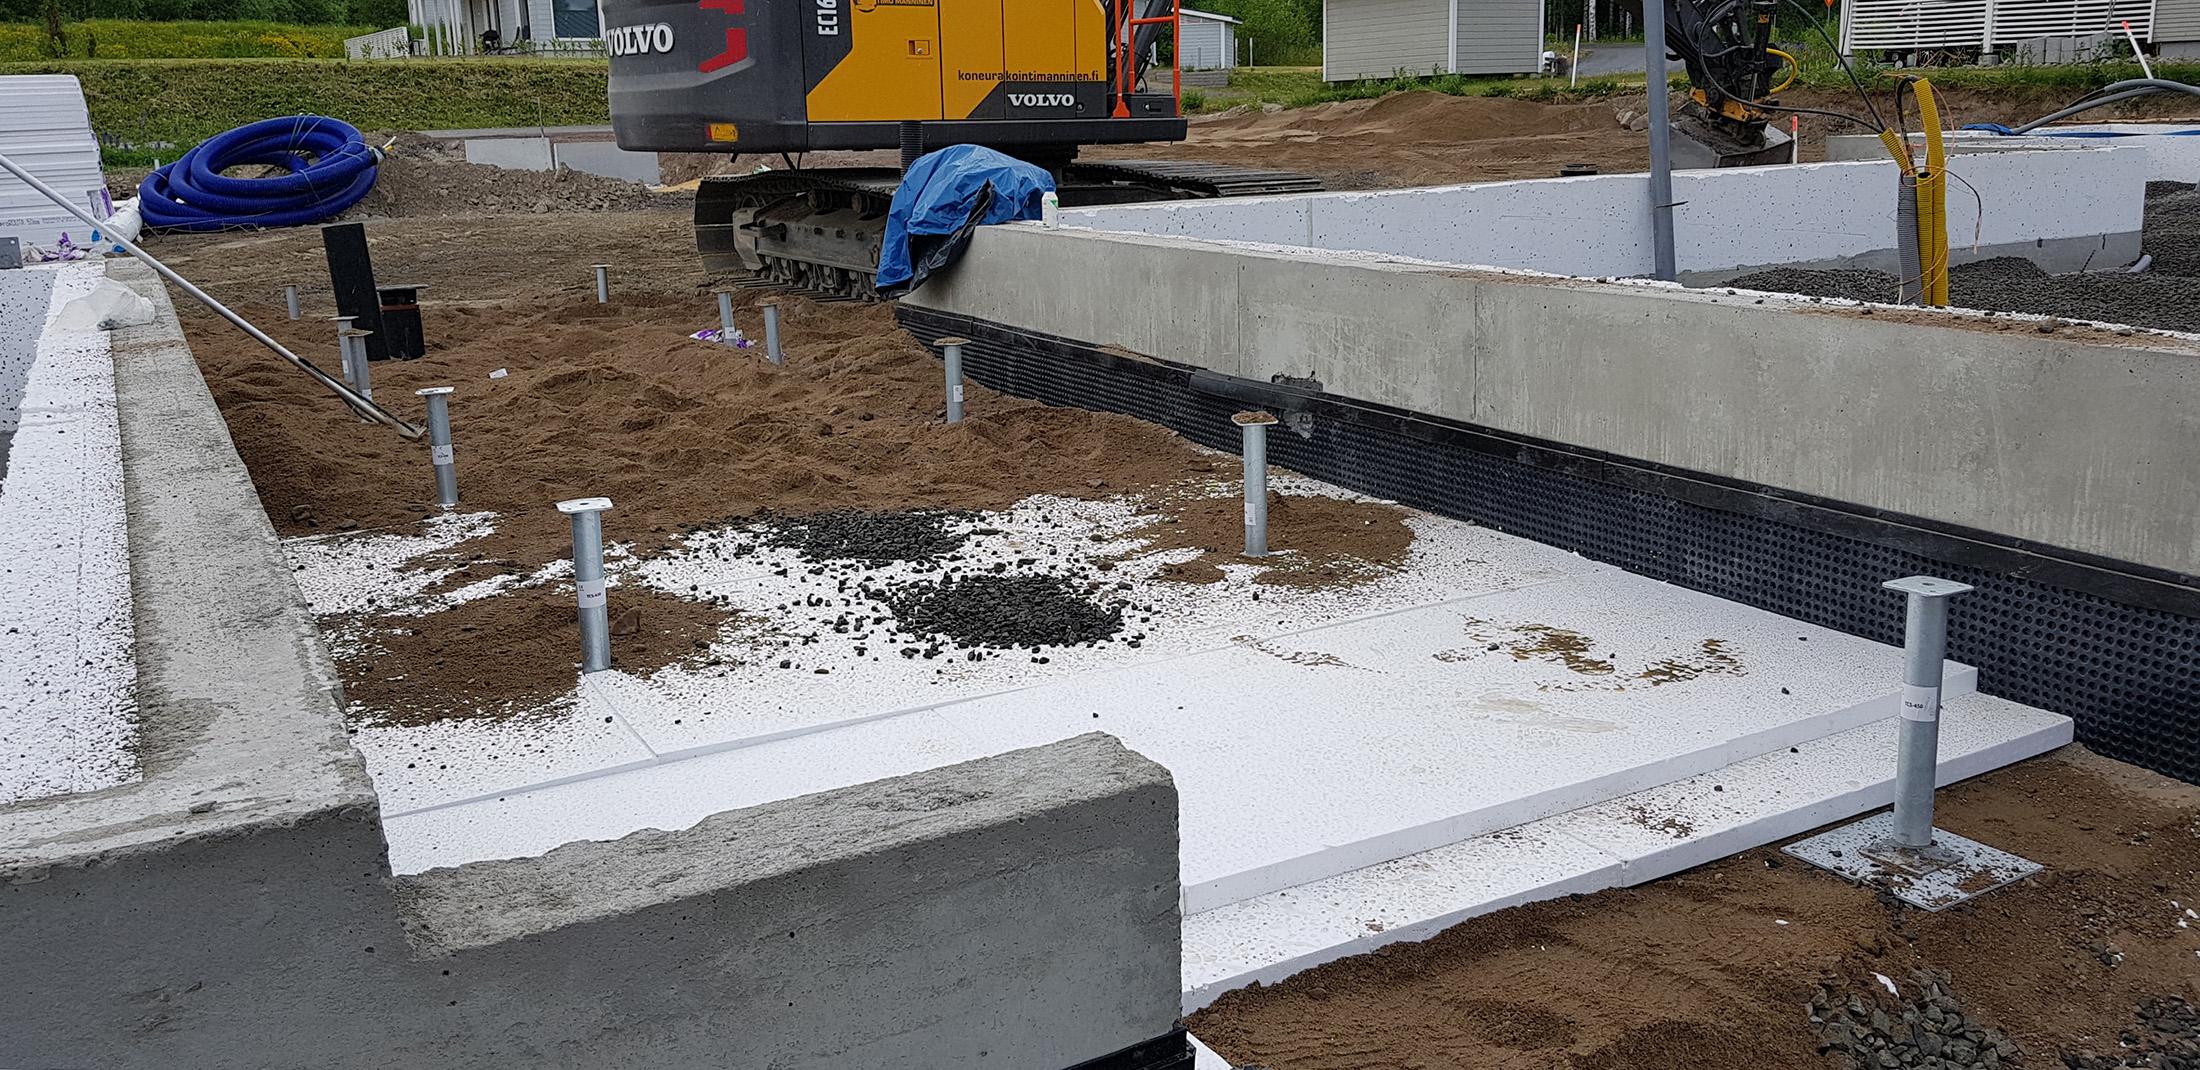 Omakotitalon rakentaminen-perustukset (2)